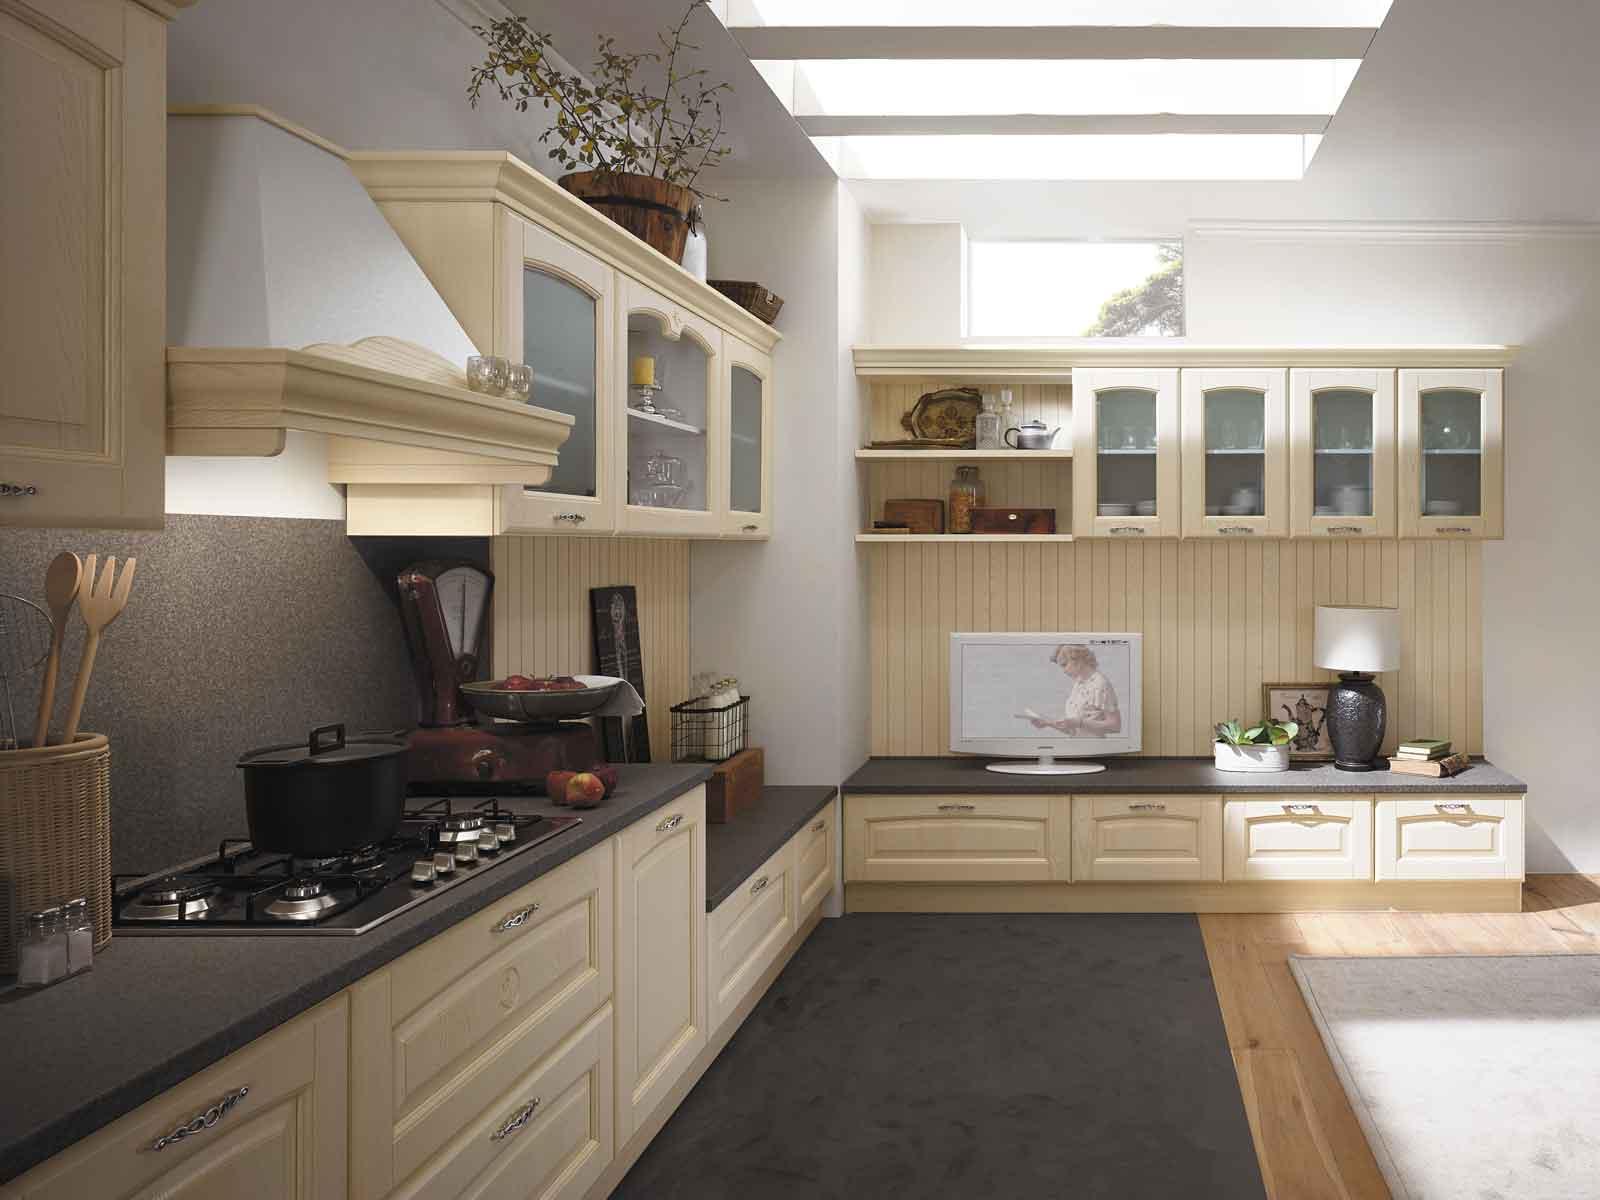 Dapur dan Ruang Tamu dalam Satu Ruangan: 3 jenis | Parket ...